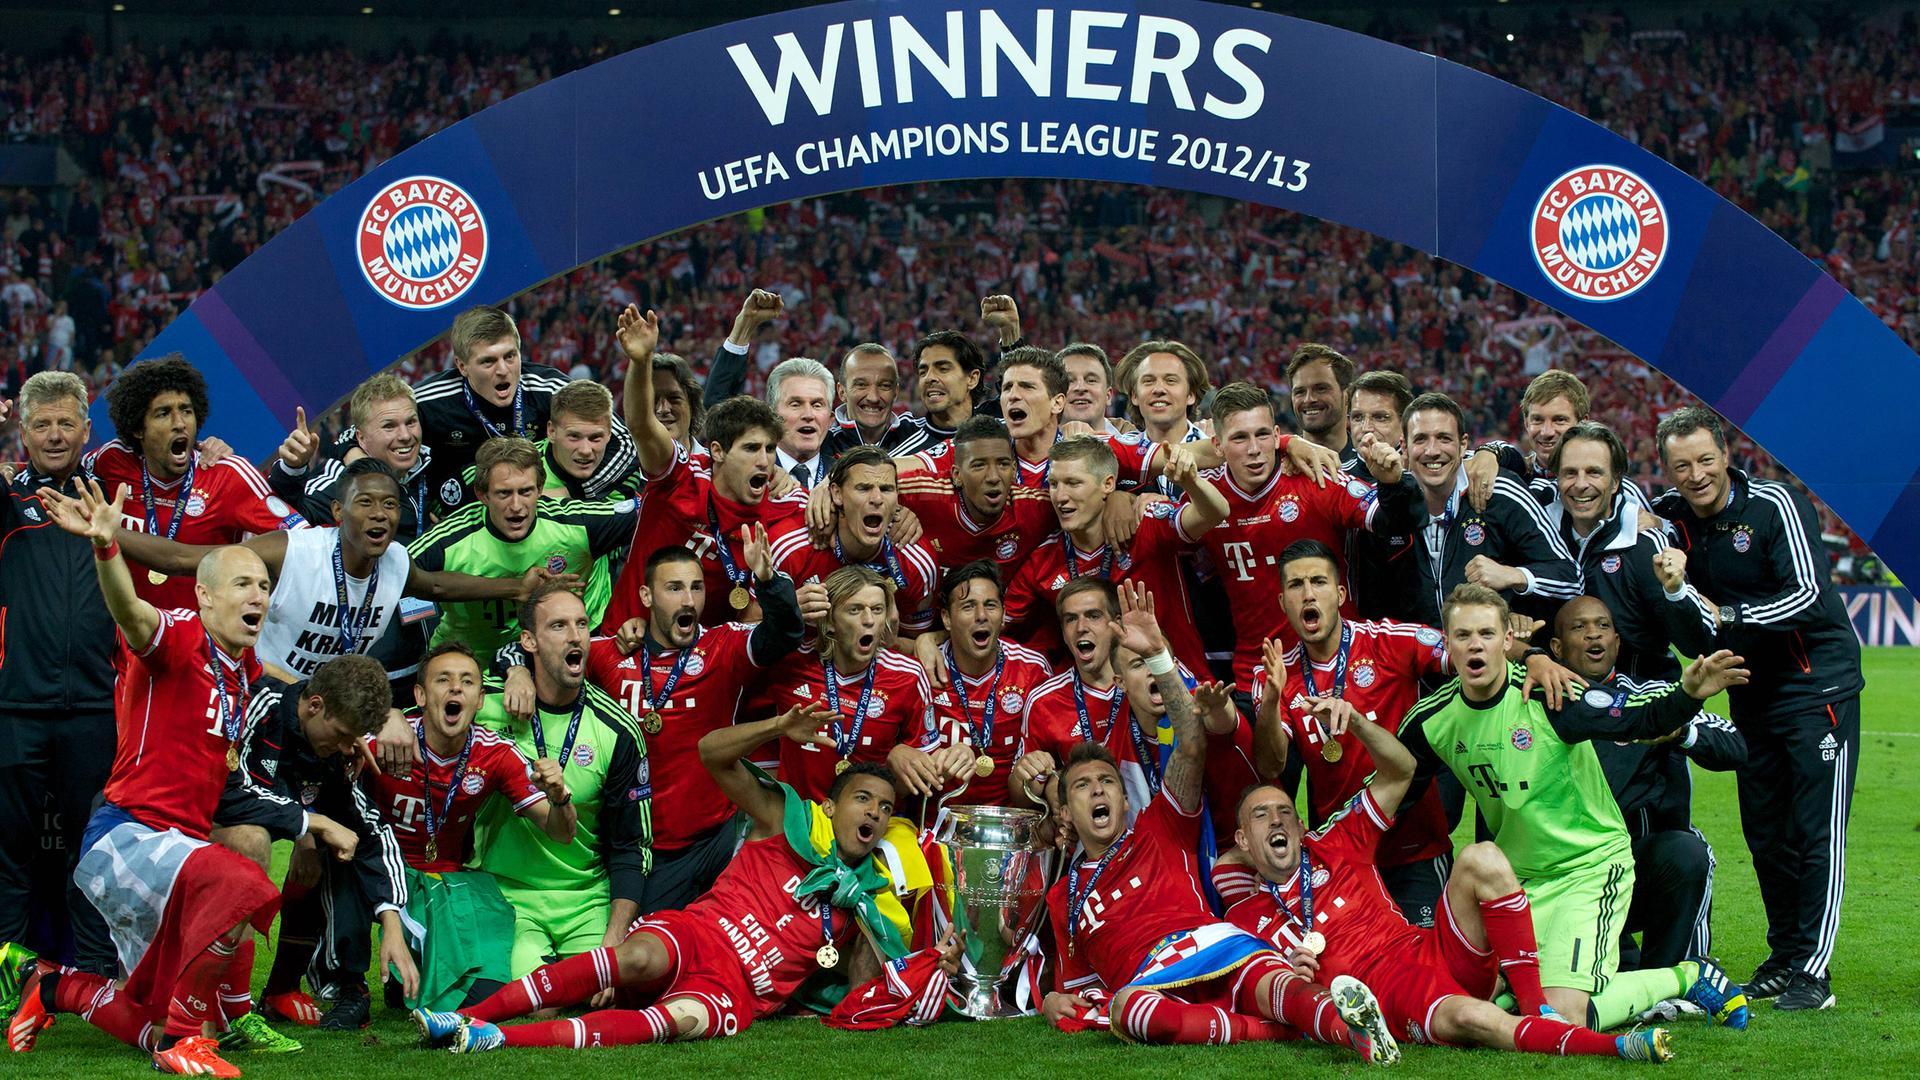 Бавария - победитель Лиги Чемпионов 12/13